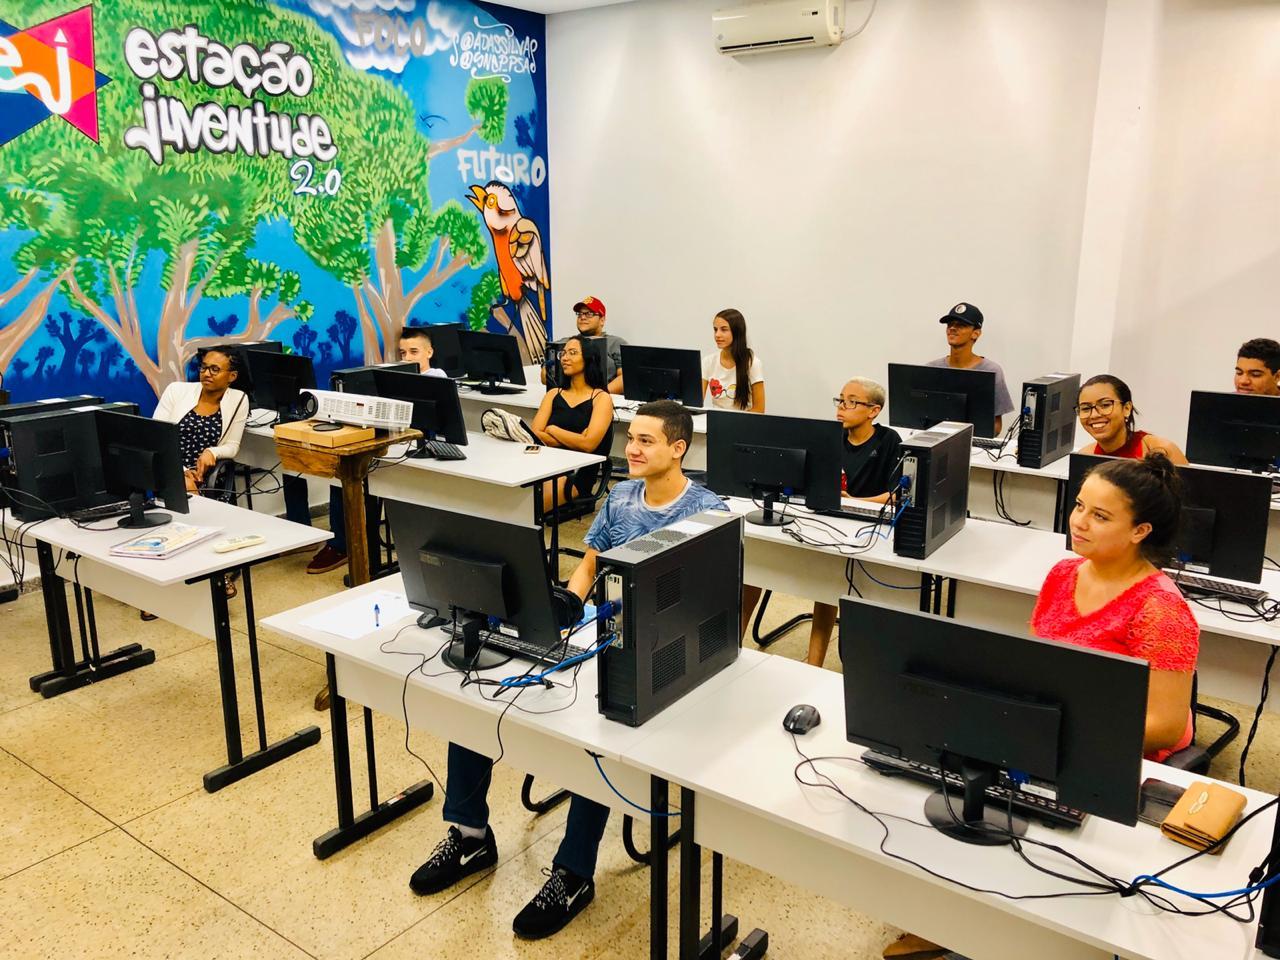 Prefeitura de Aparecida oferece cursos de qualifica��o profissional para jovens